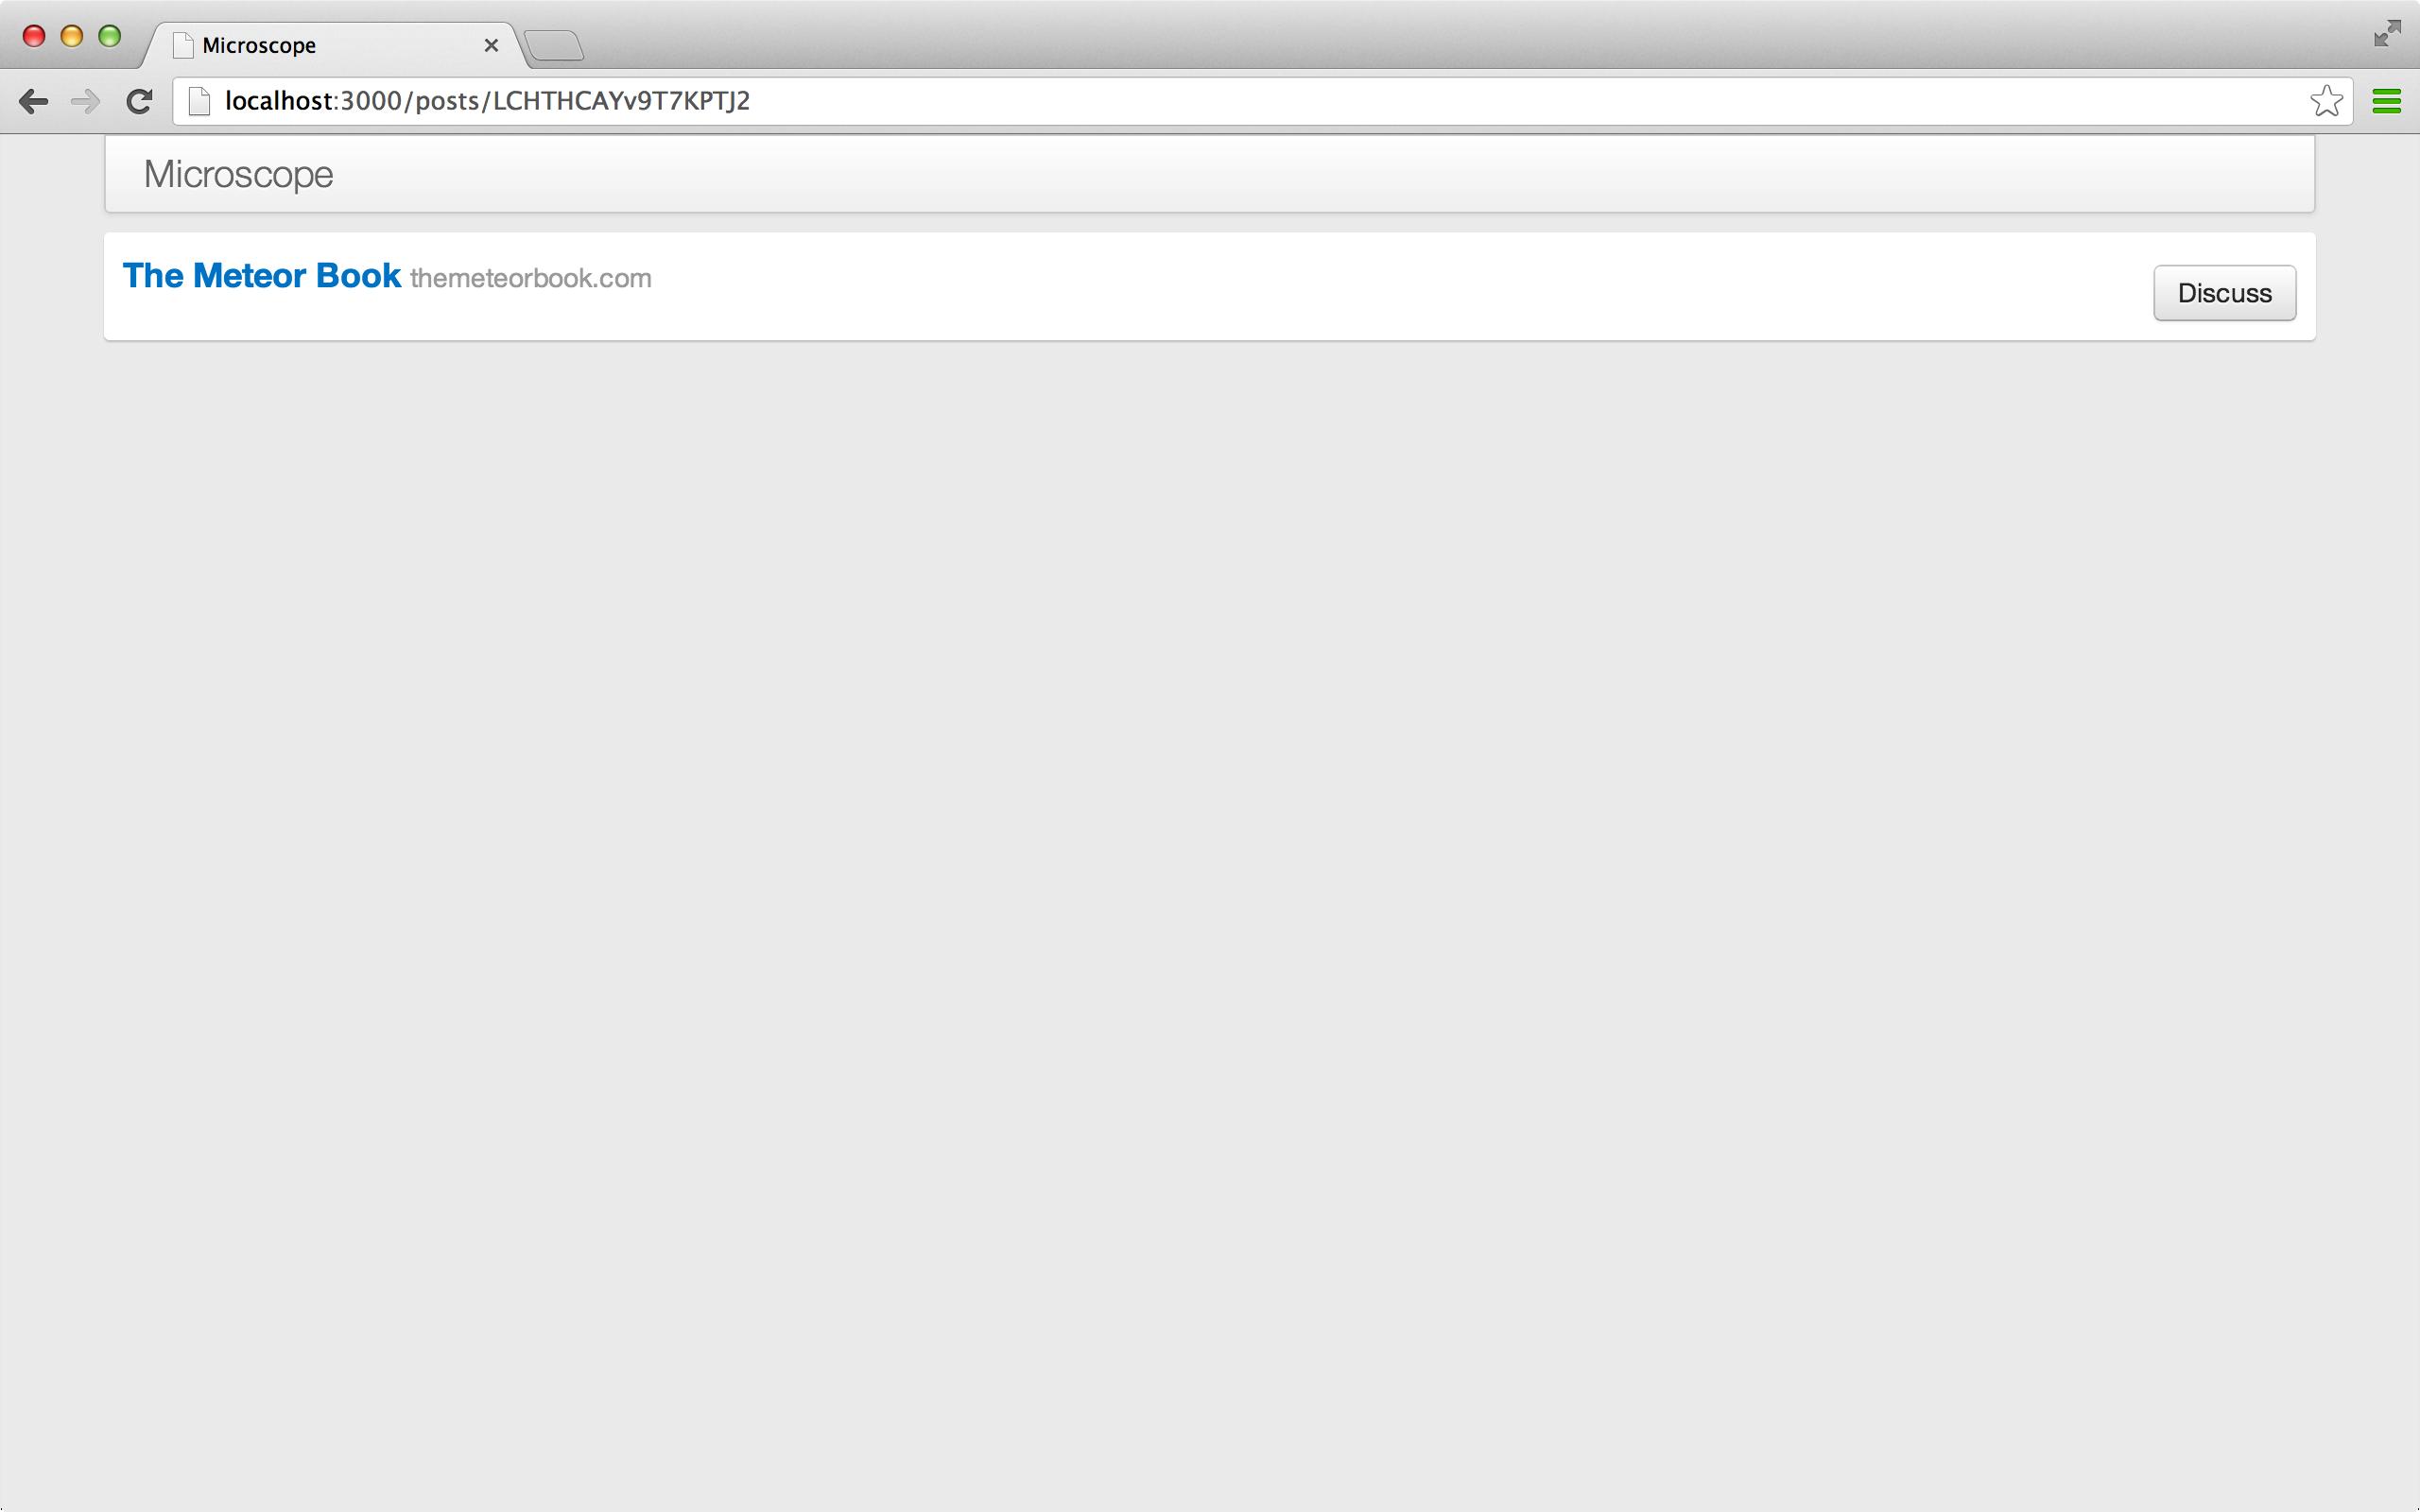 一个单独的帖子页面。